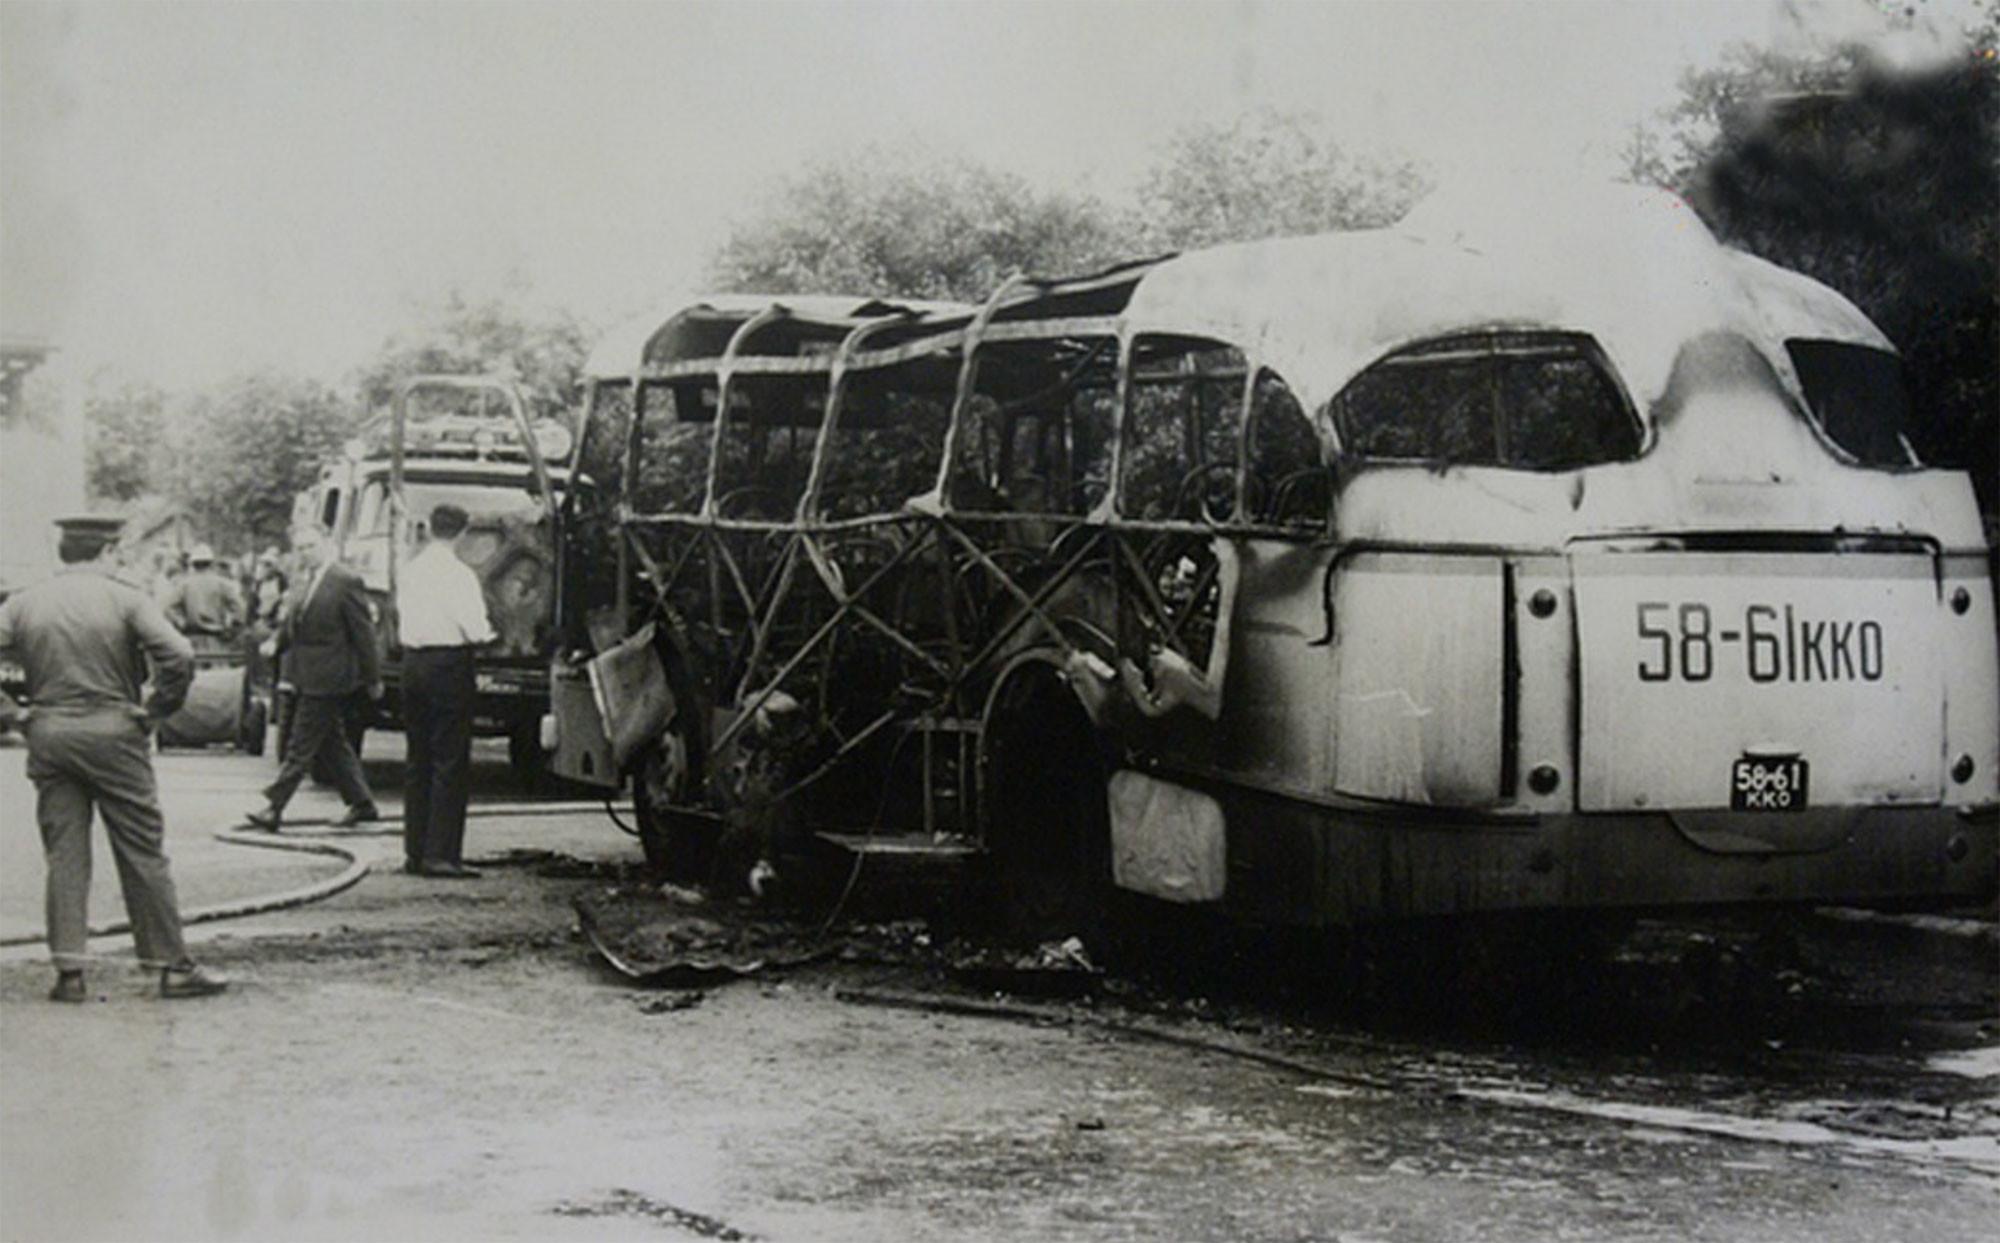 Автобус ЛАЗ-695Е после взрыва. Фото: © Wikipedia.org